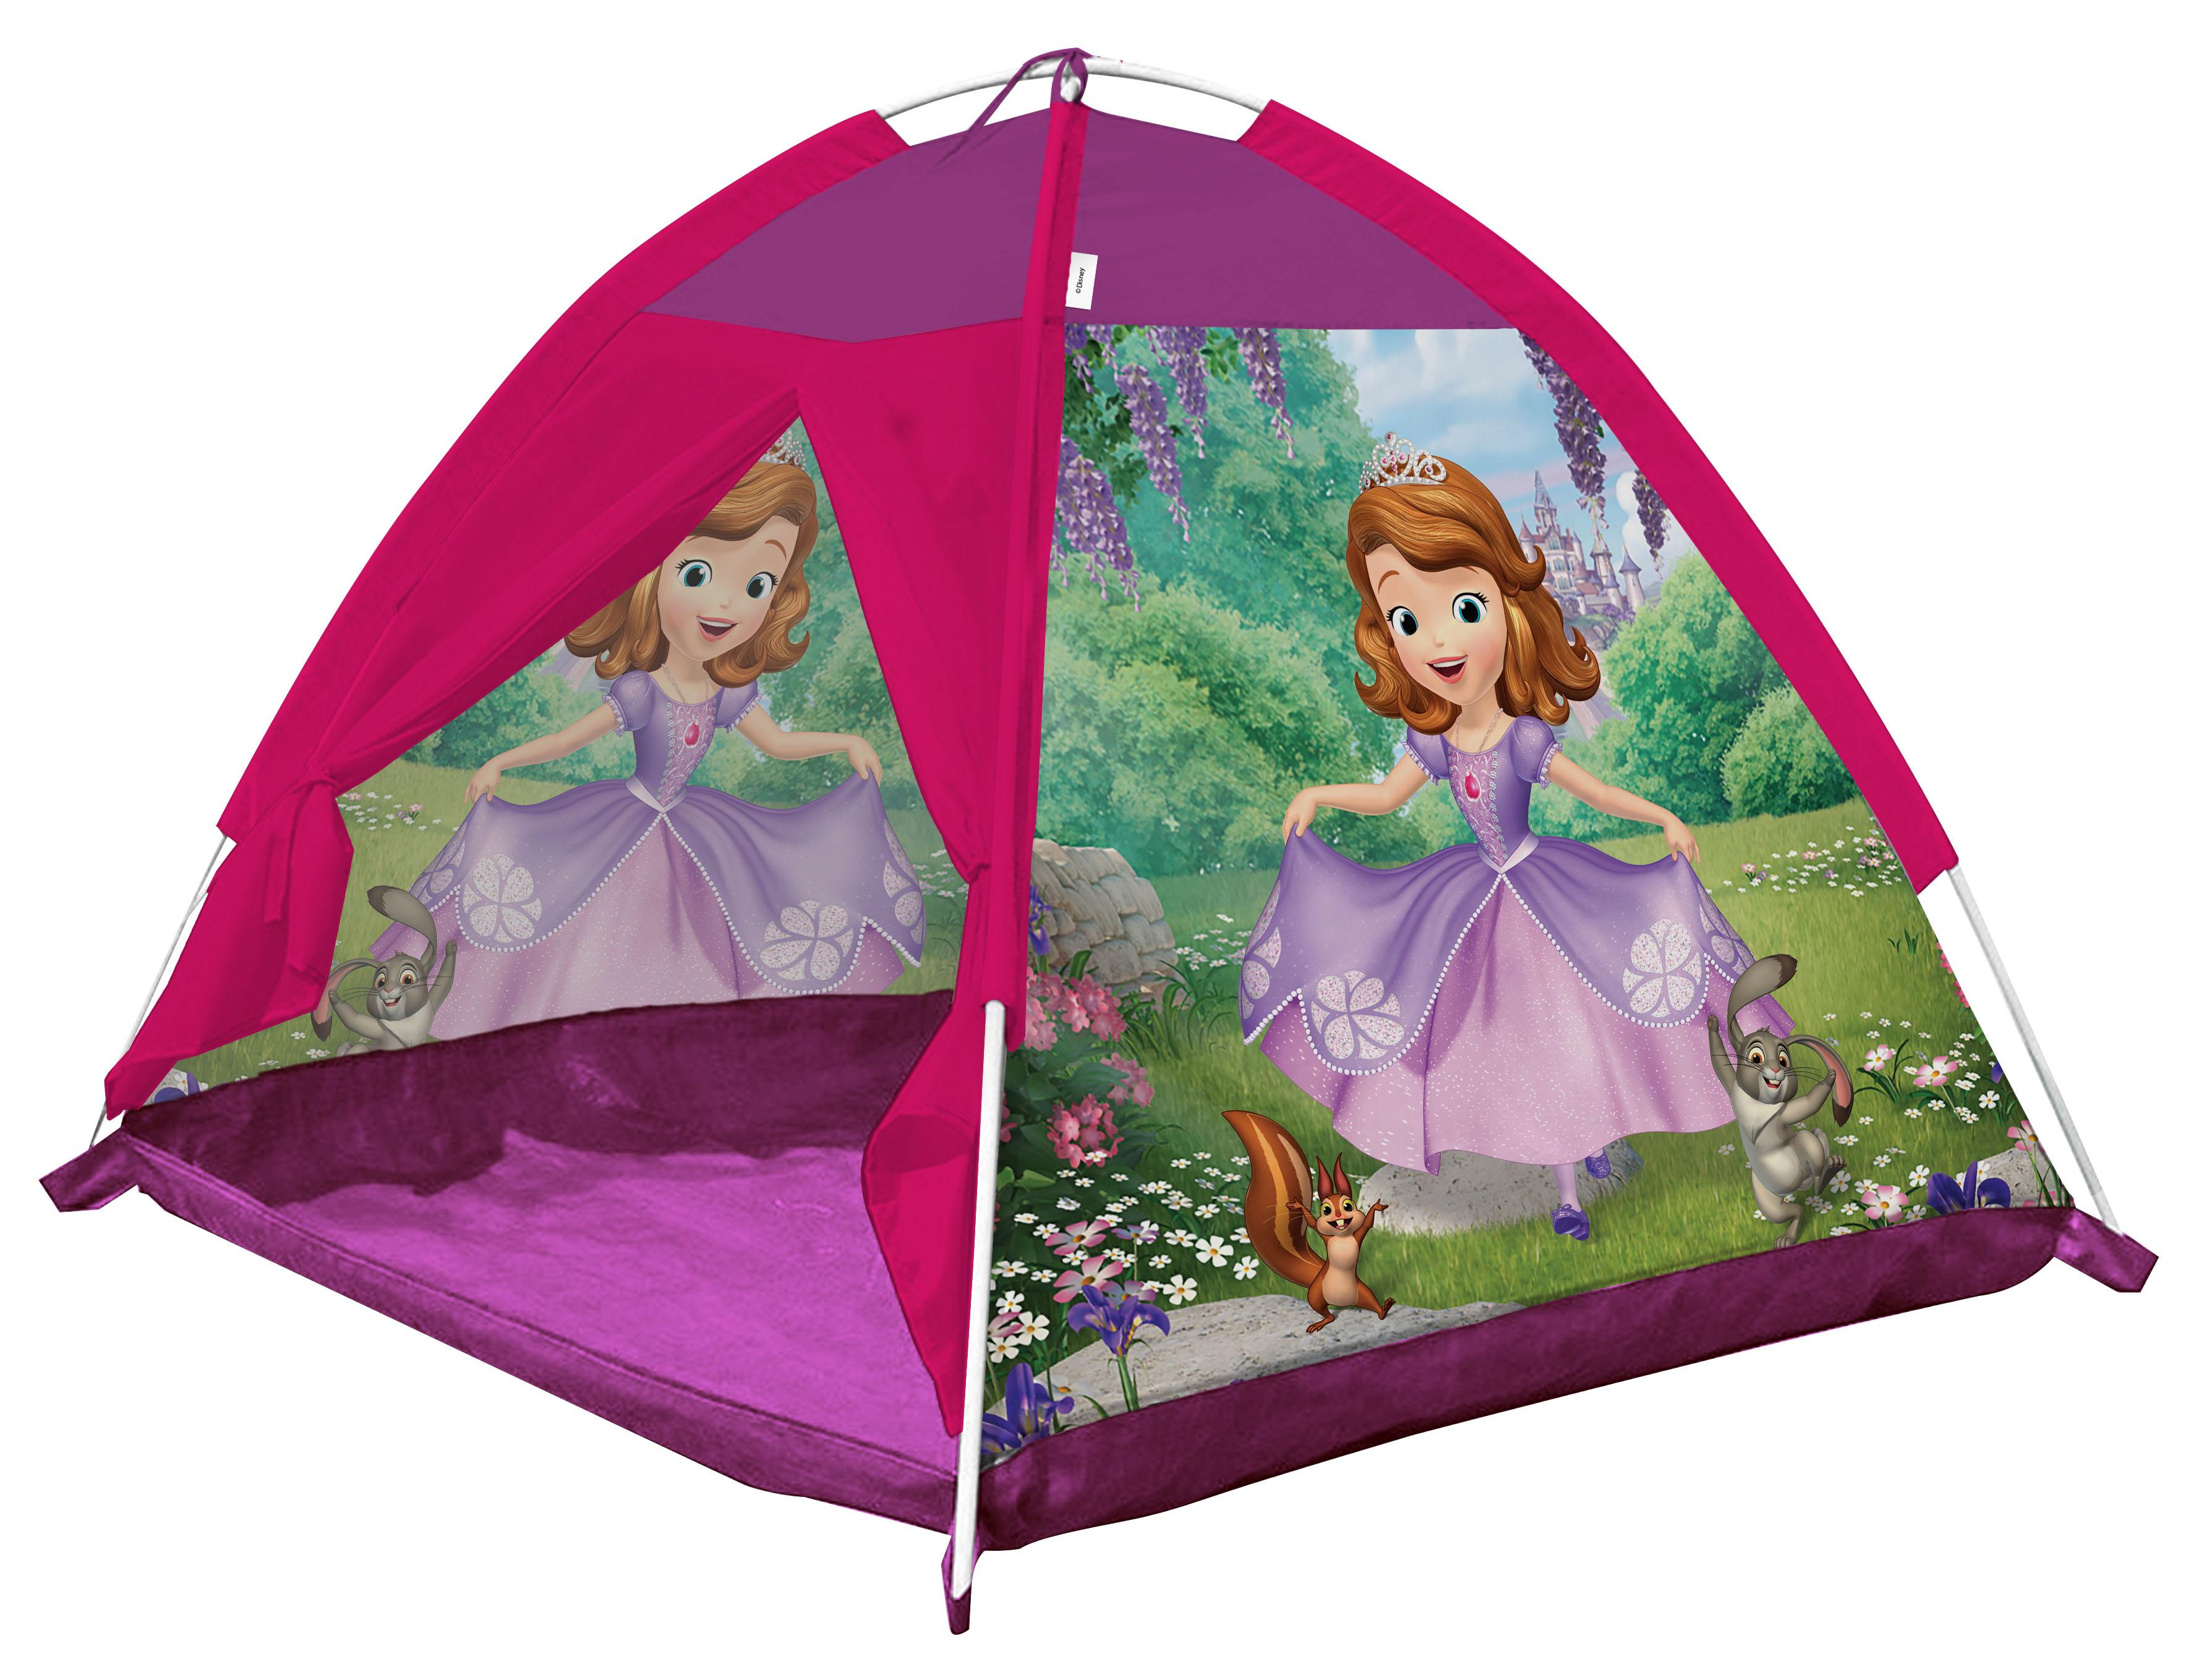 палатки домики fresh trend палатка лунтик Палатка Fresh Trend 112*112*84 София Прекрасная #